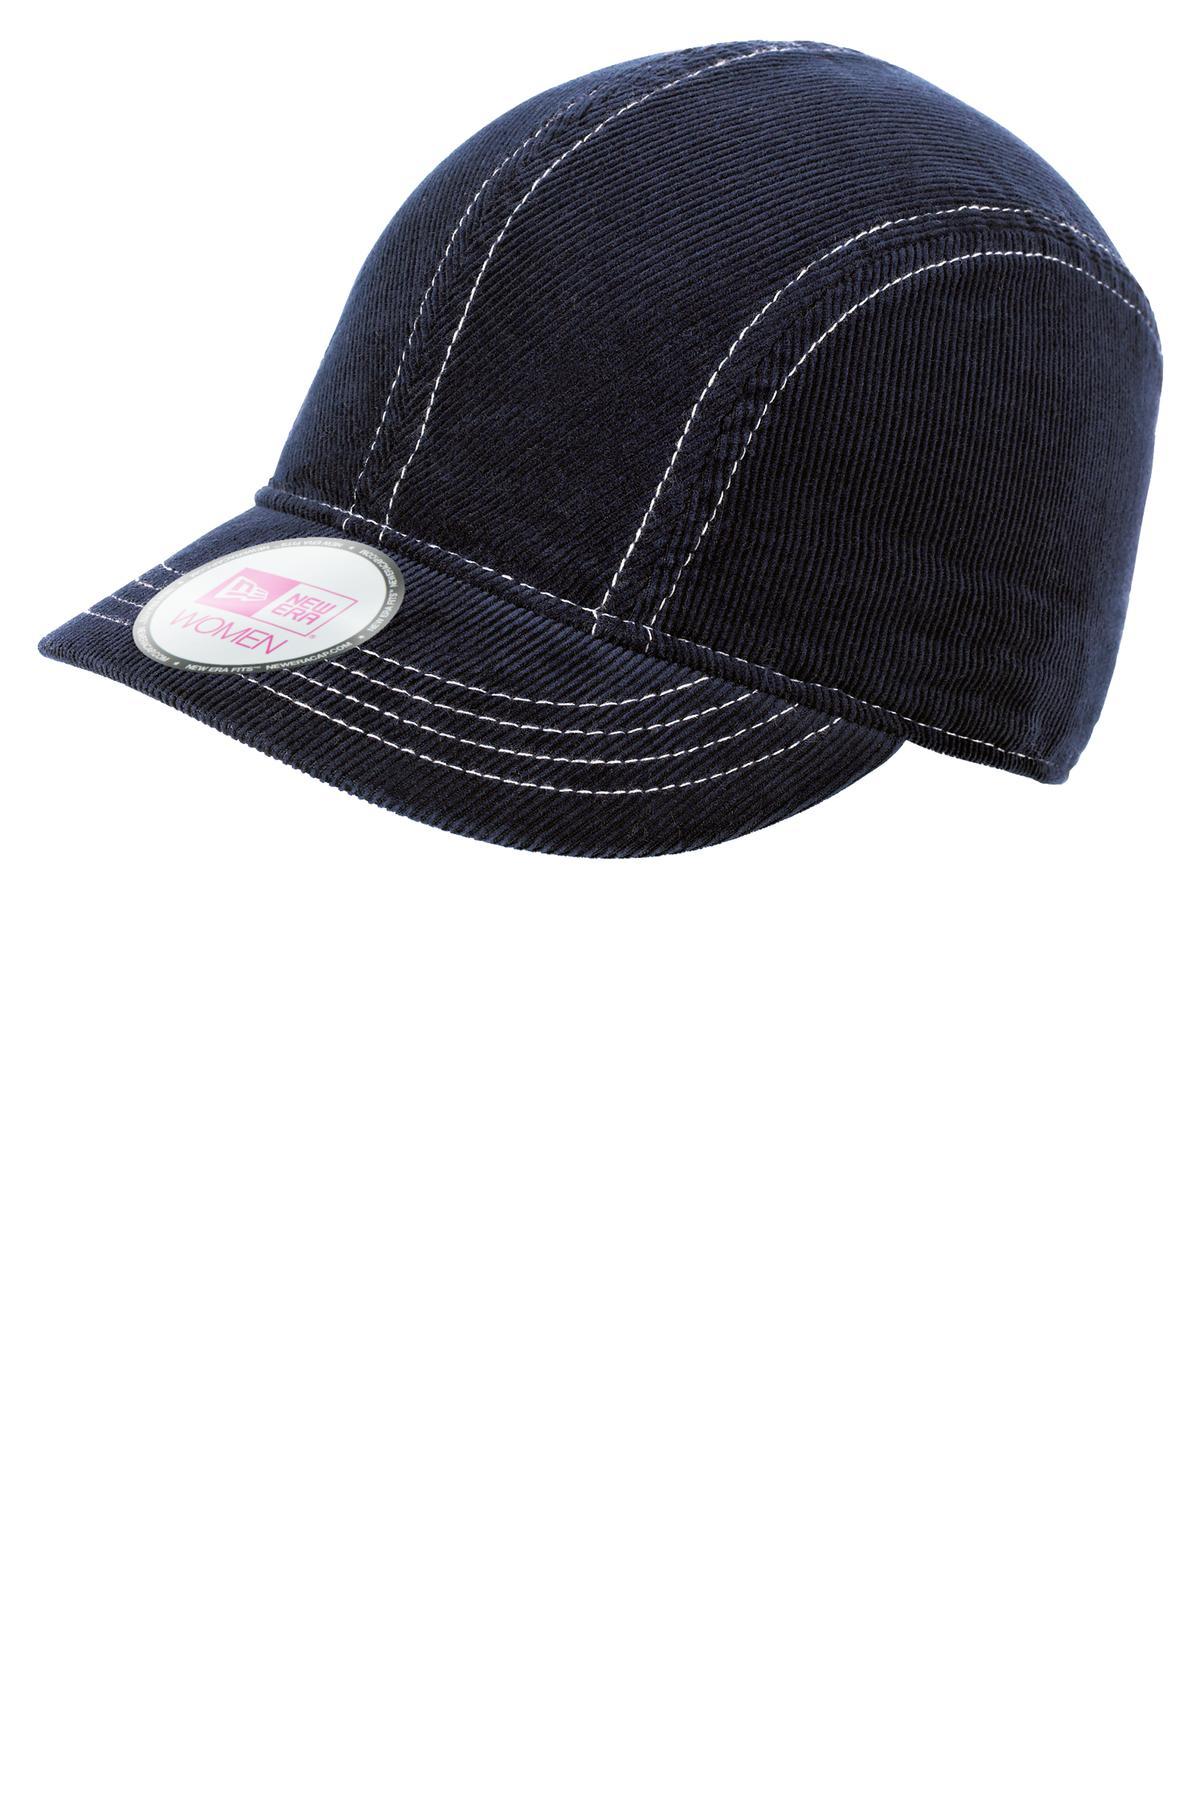 CLOSEOUT New Era  NE500 - Women's Corduroy Short Bill Cap